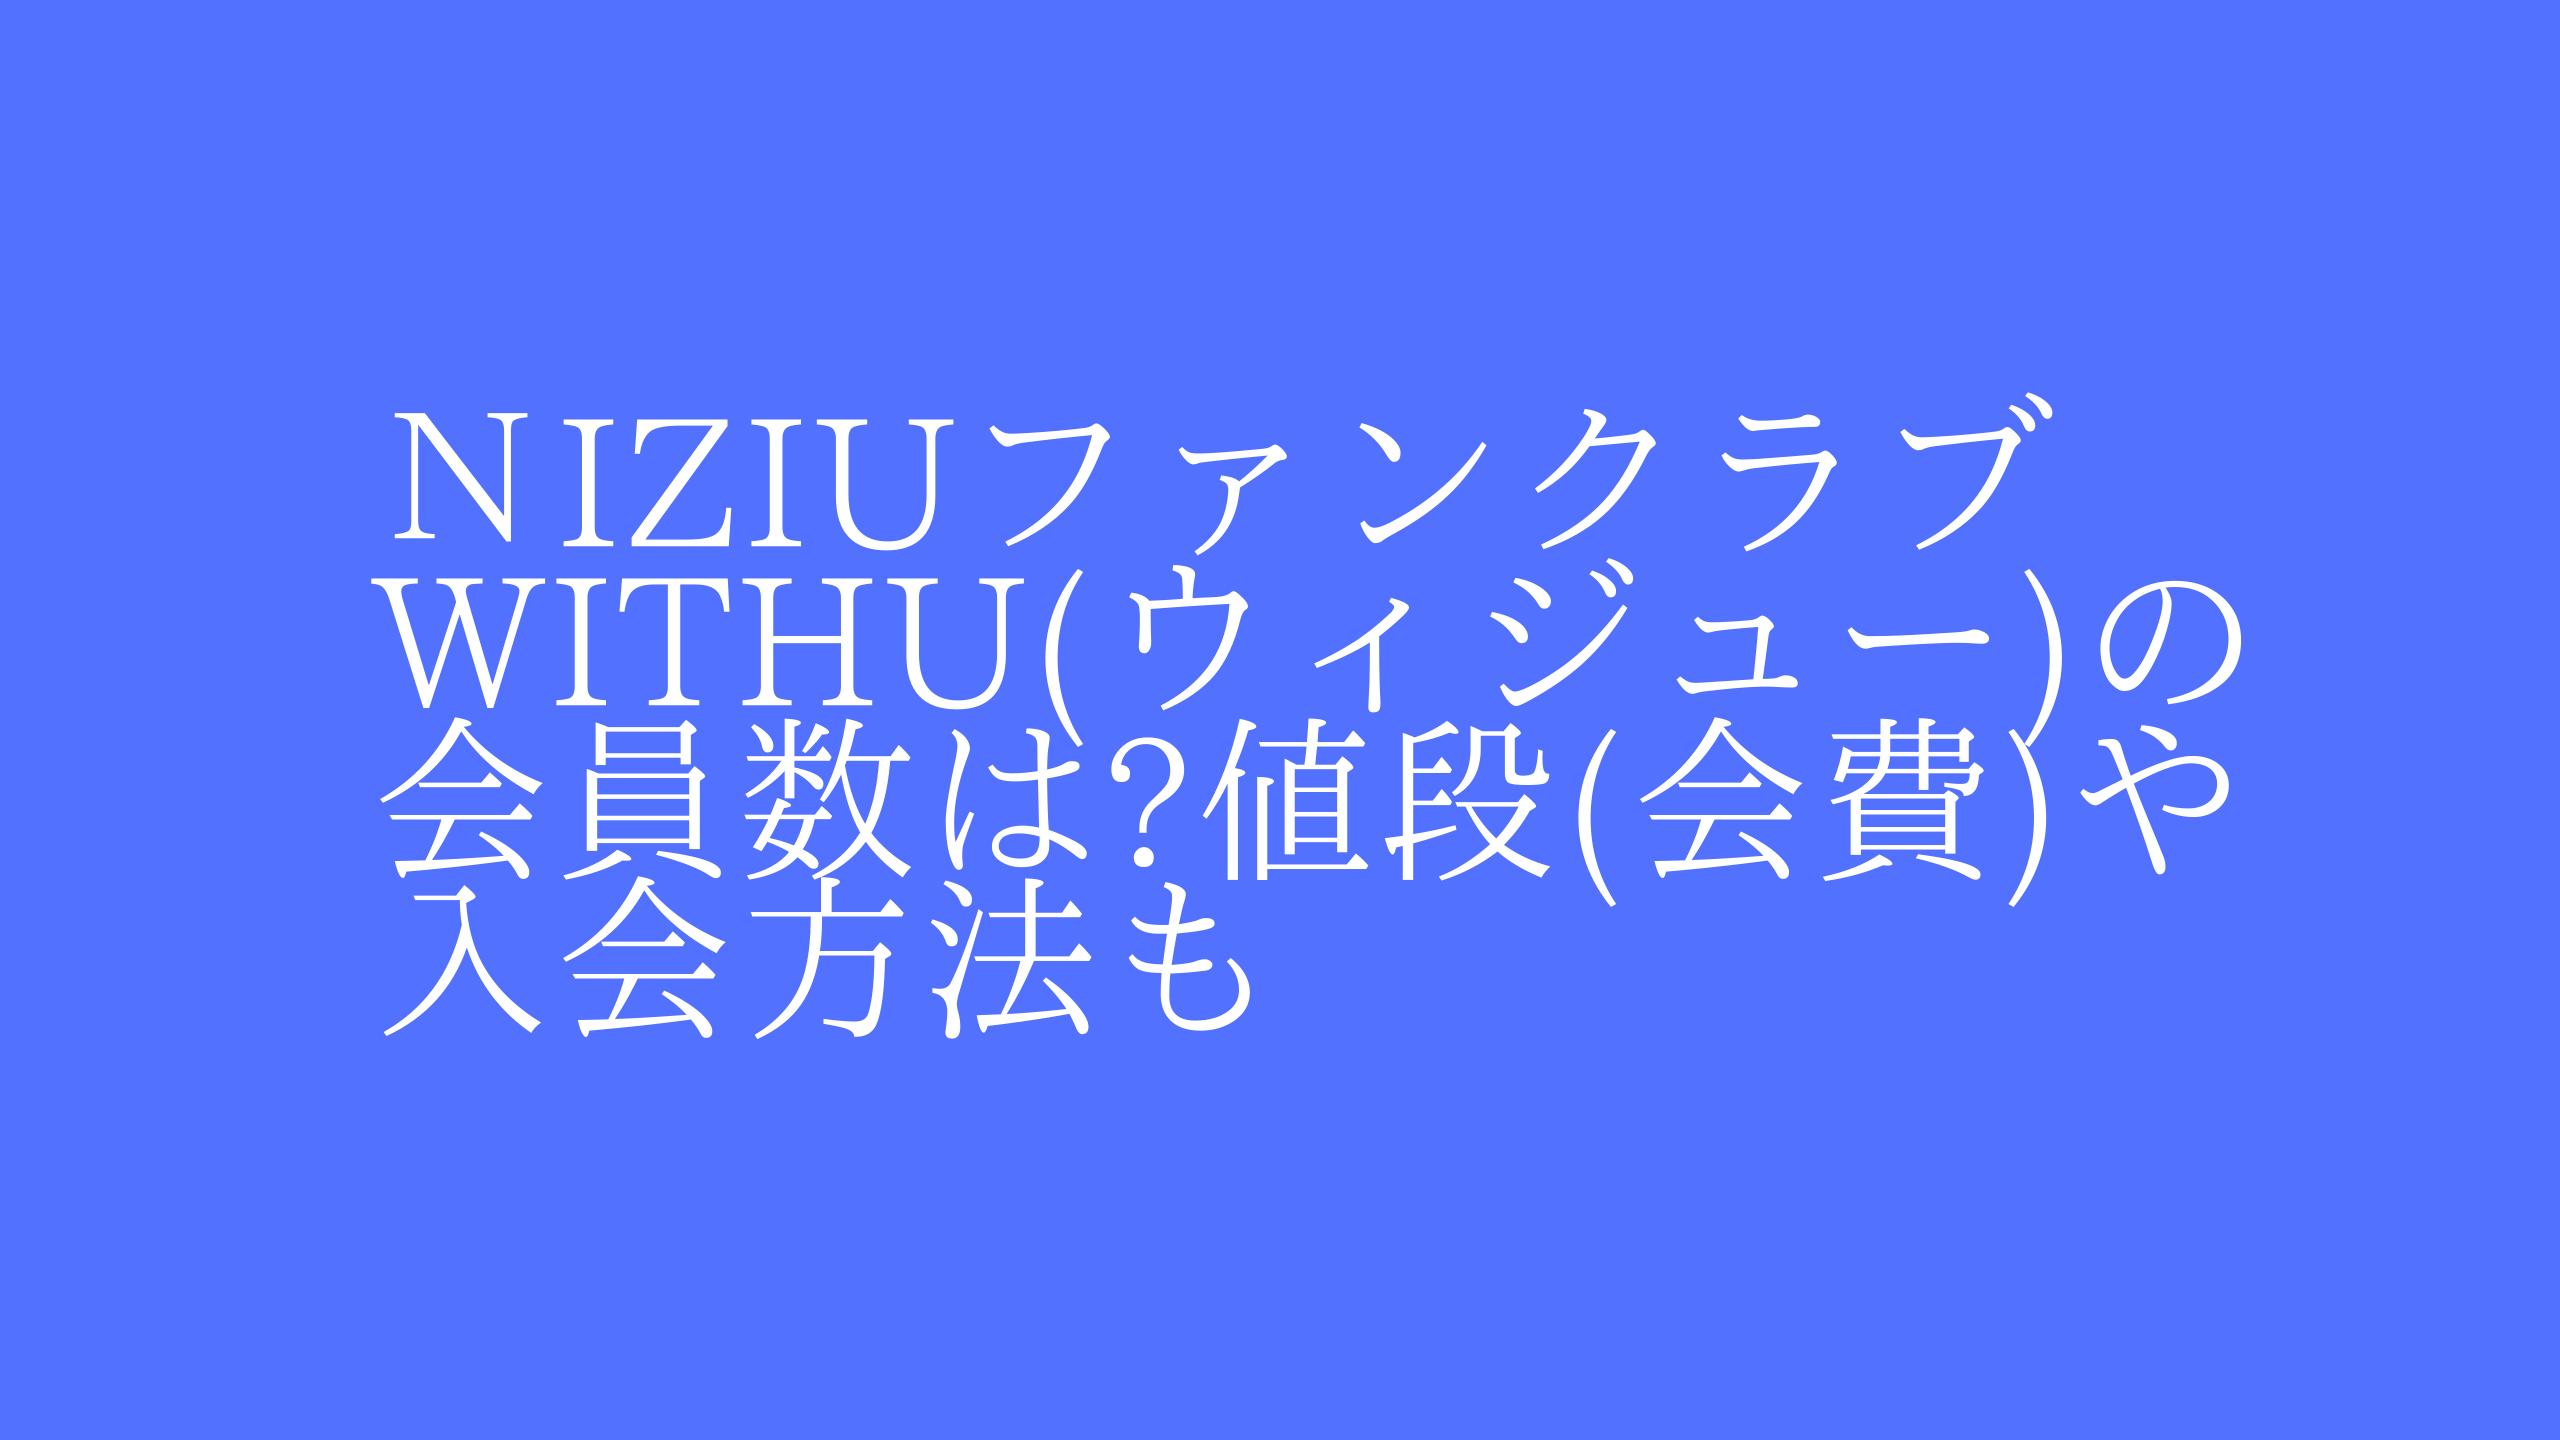 クラブ Nijiu ファン